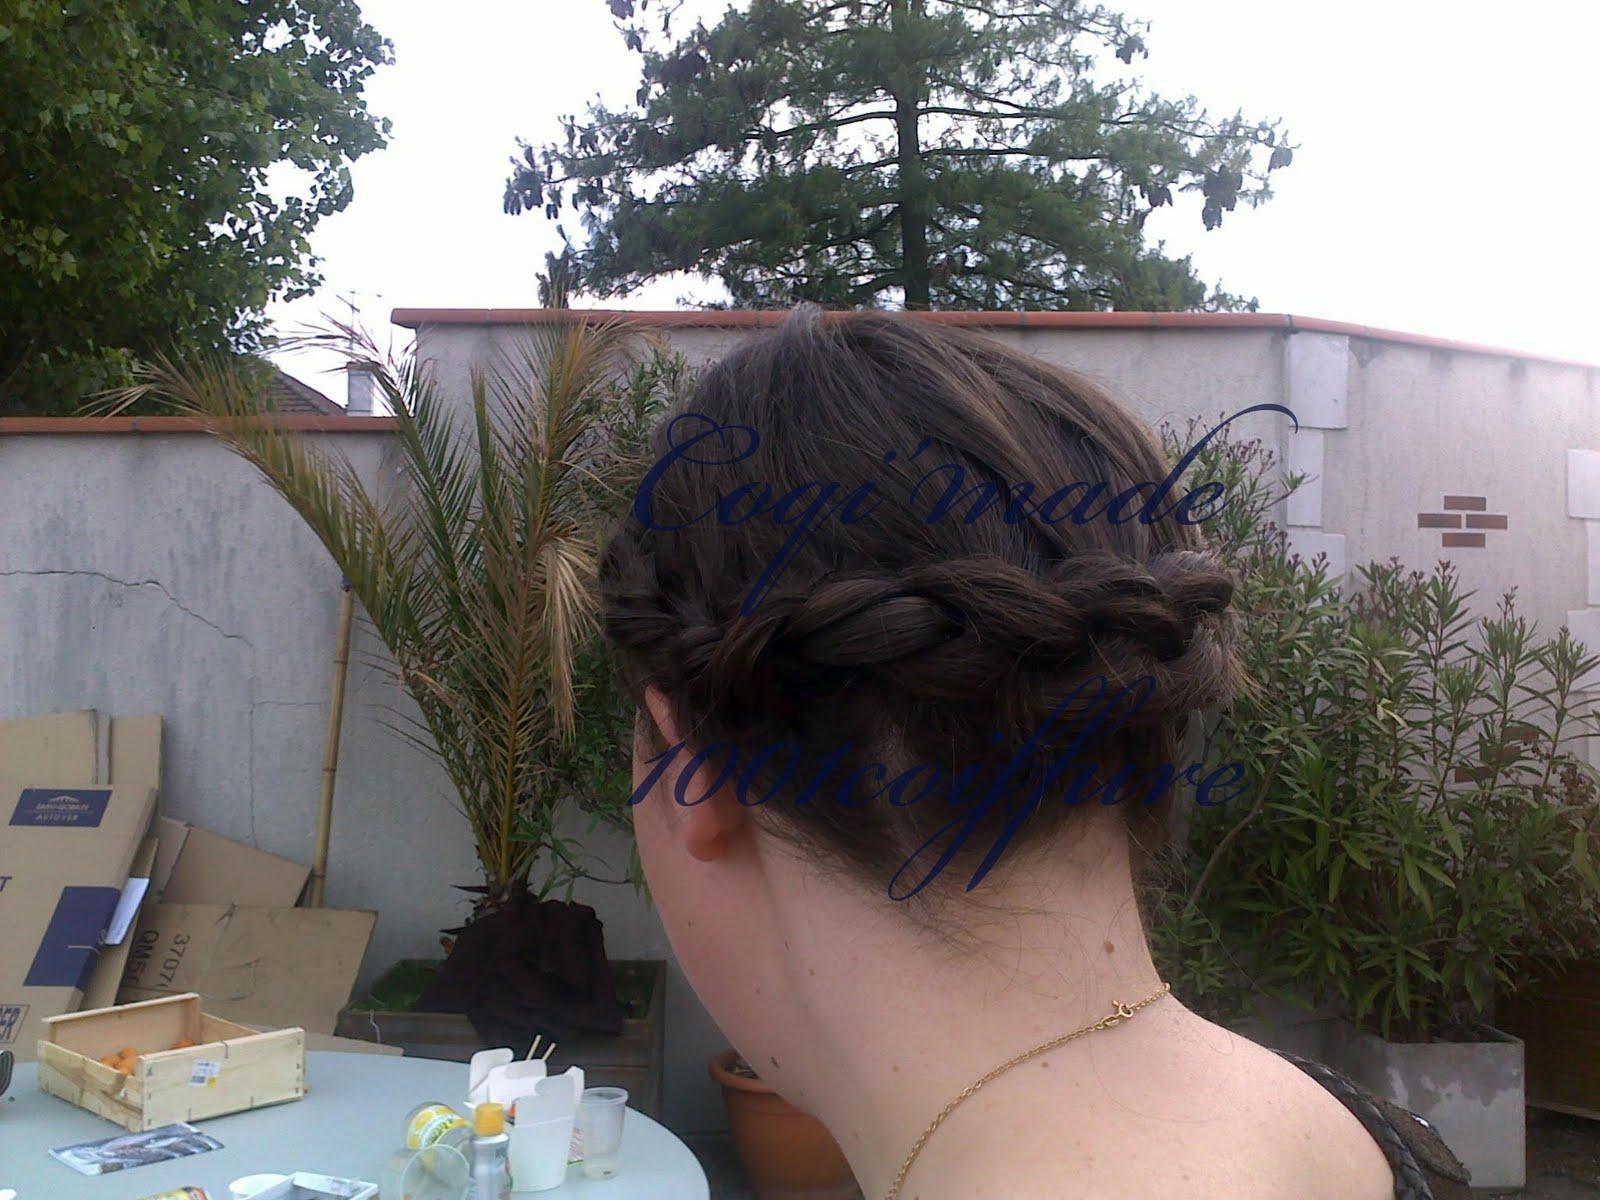 1001 coiffures tuto coiffure la couronne de tresse pour. Black Bedroom Furniture Sets. Home Design Ideas